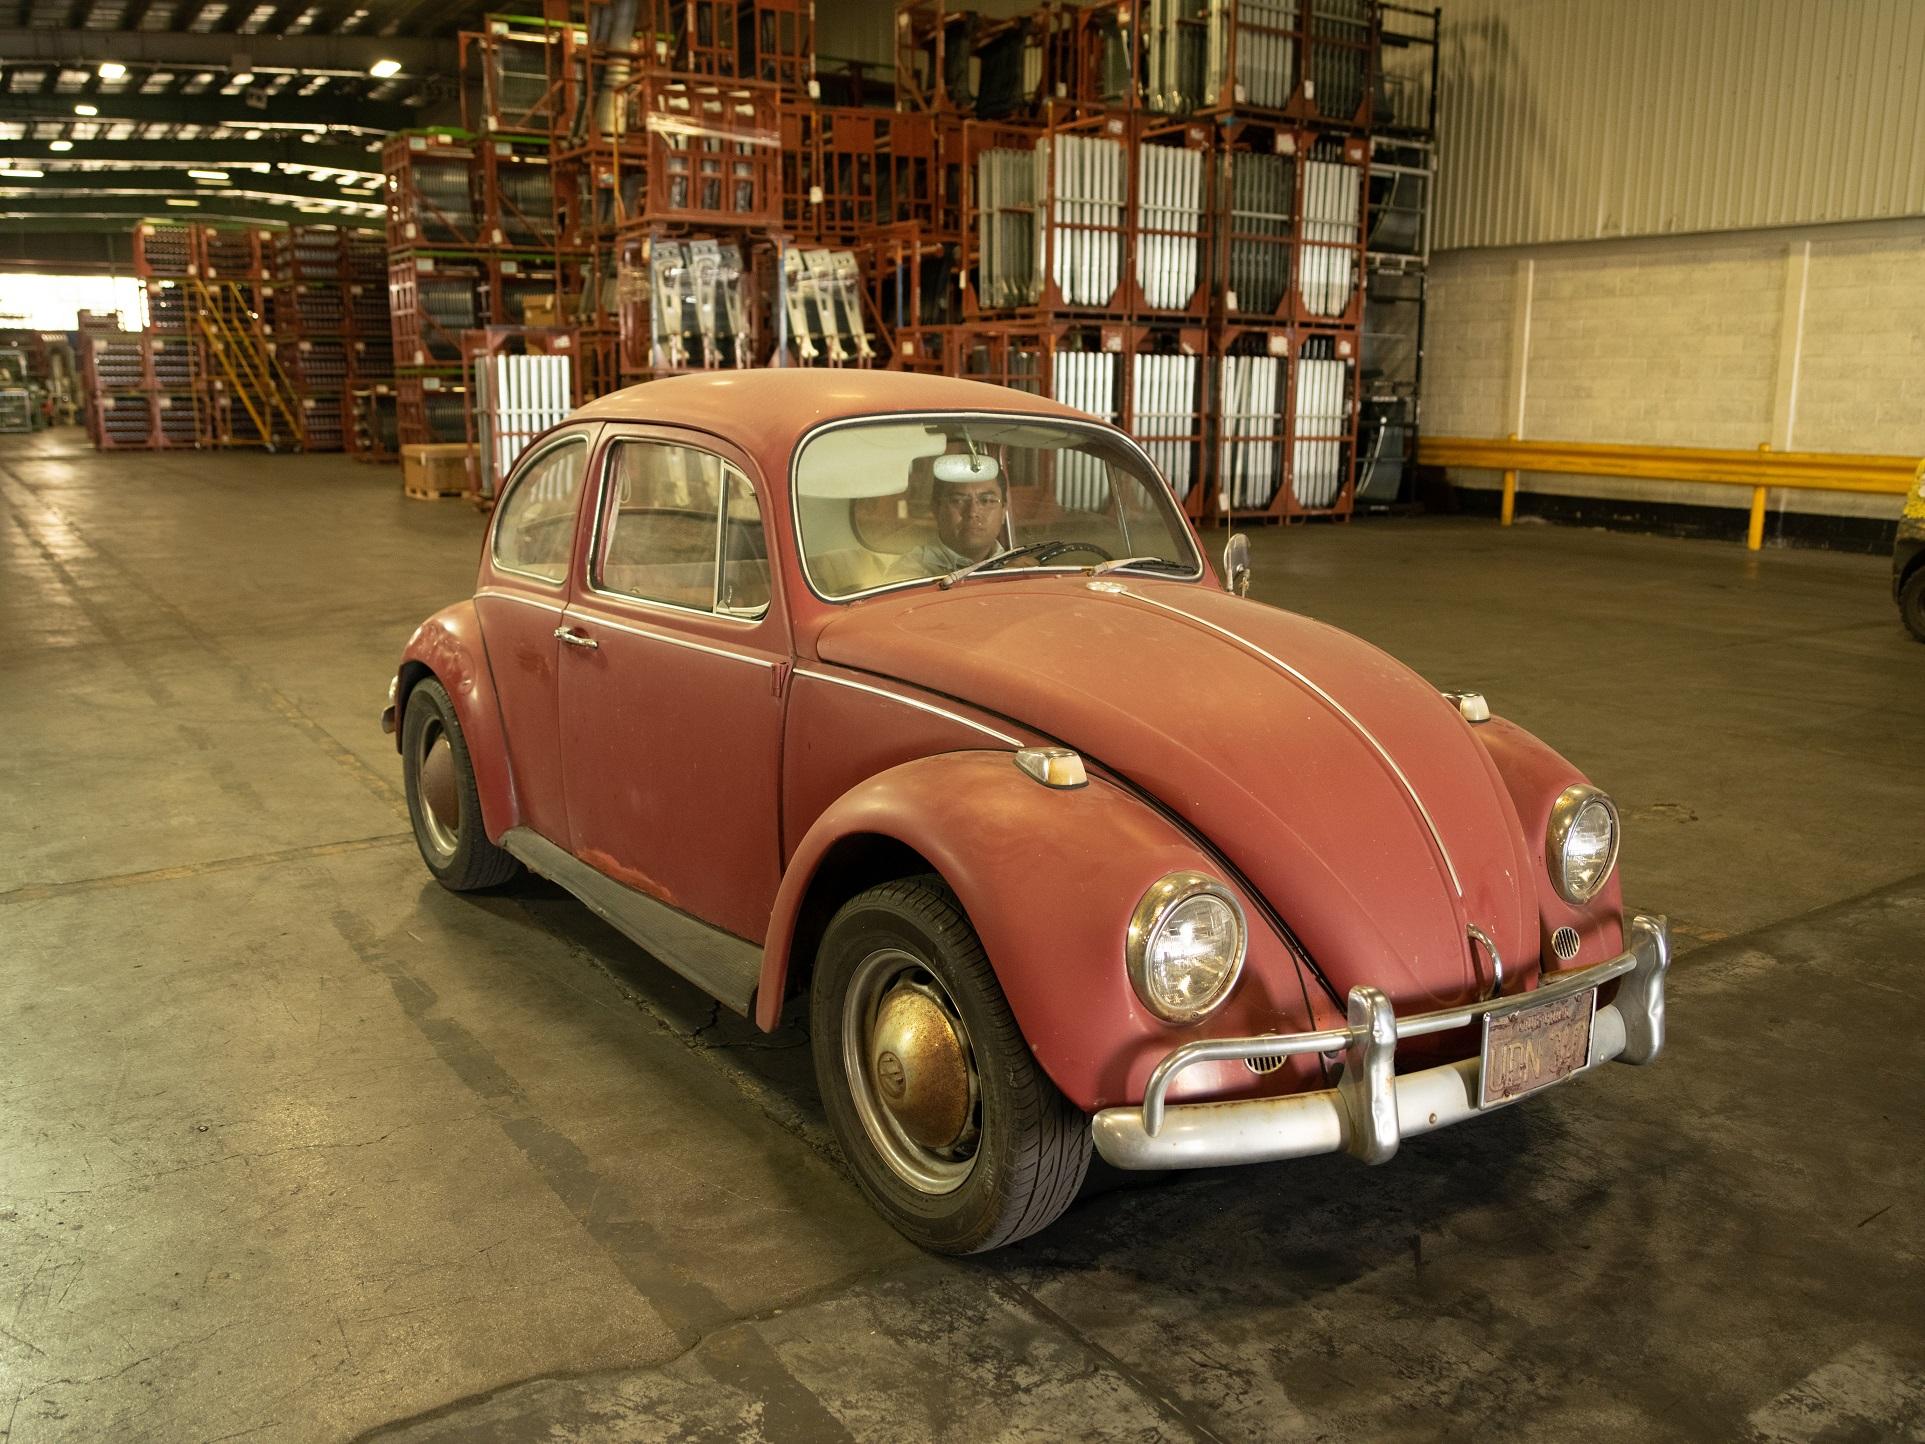 A restauração do Fusca de Kathleen foi mais do que a reconstrução de um carro de 51 anos - foi o reconhecimento da ligação entre o veículo e sua dona.